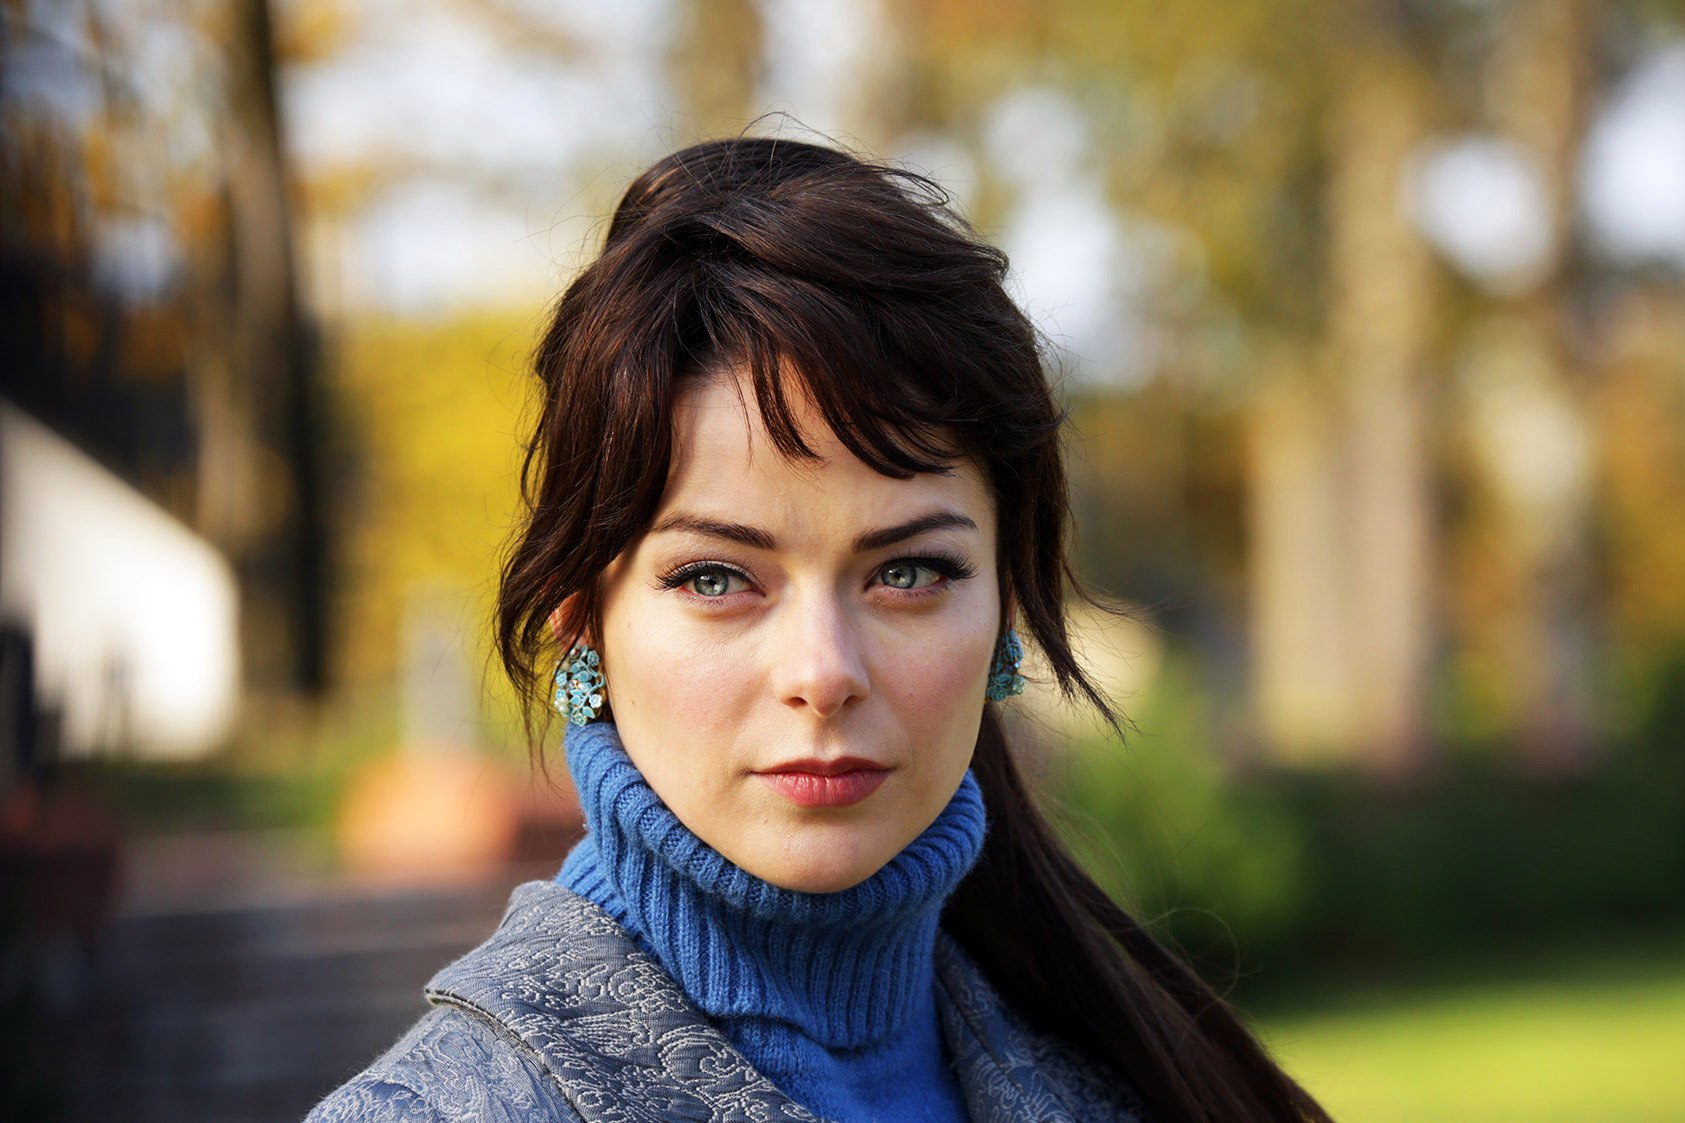 Сегодня свой день рождения отмечает Александрова Марина Андреевна.